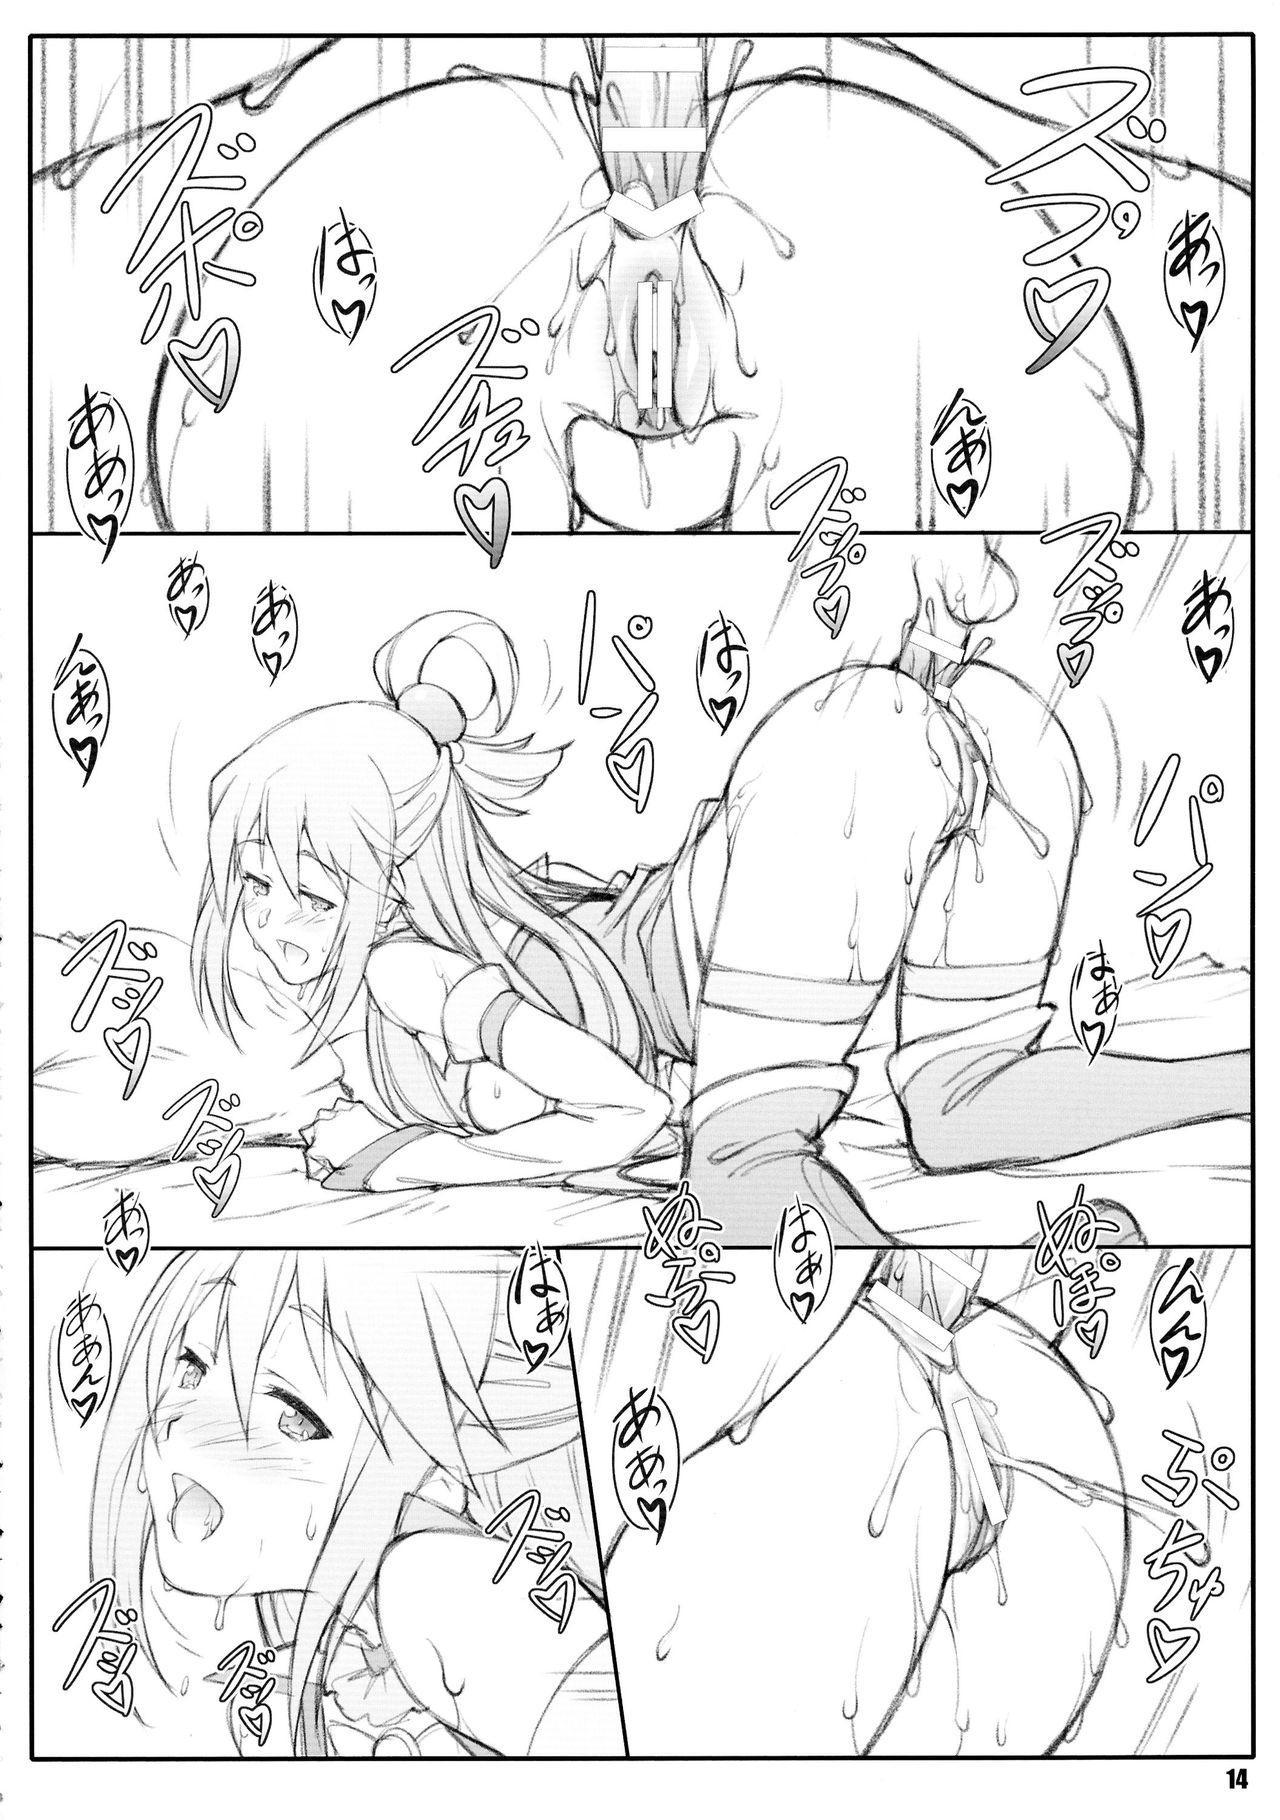 Noro Chizu I 13